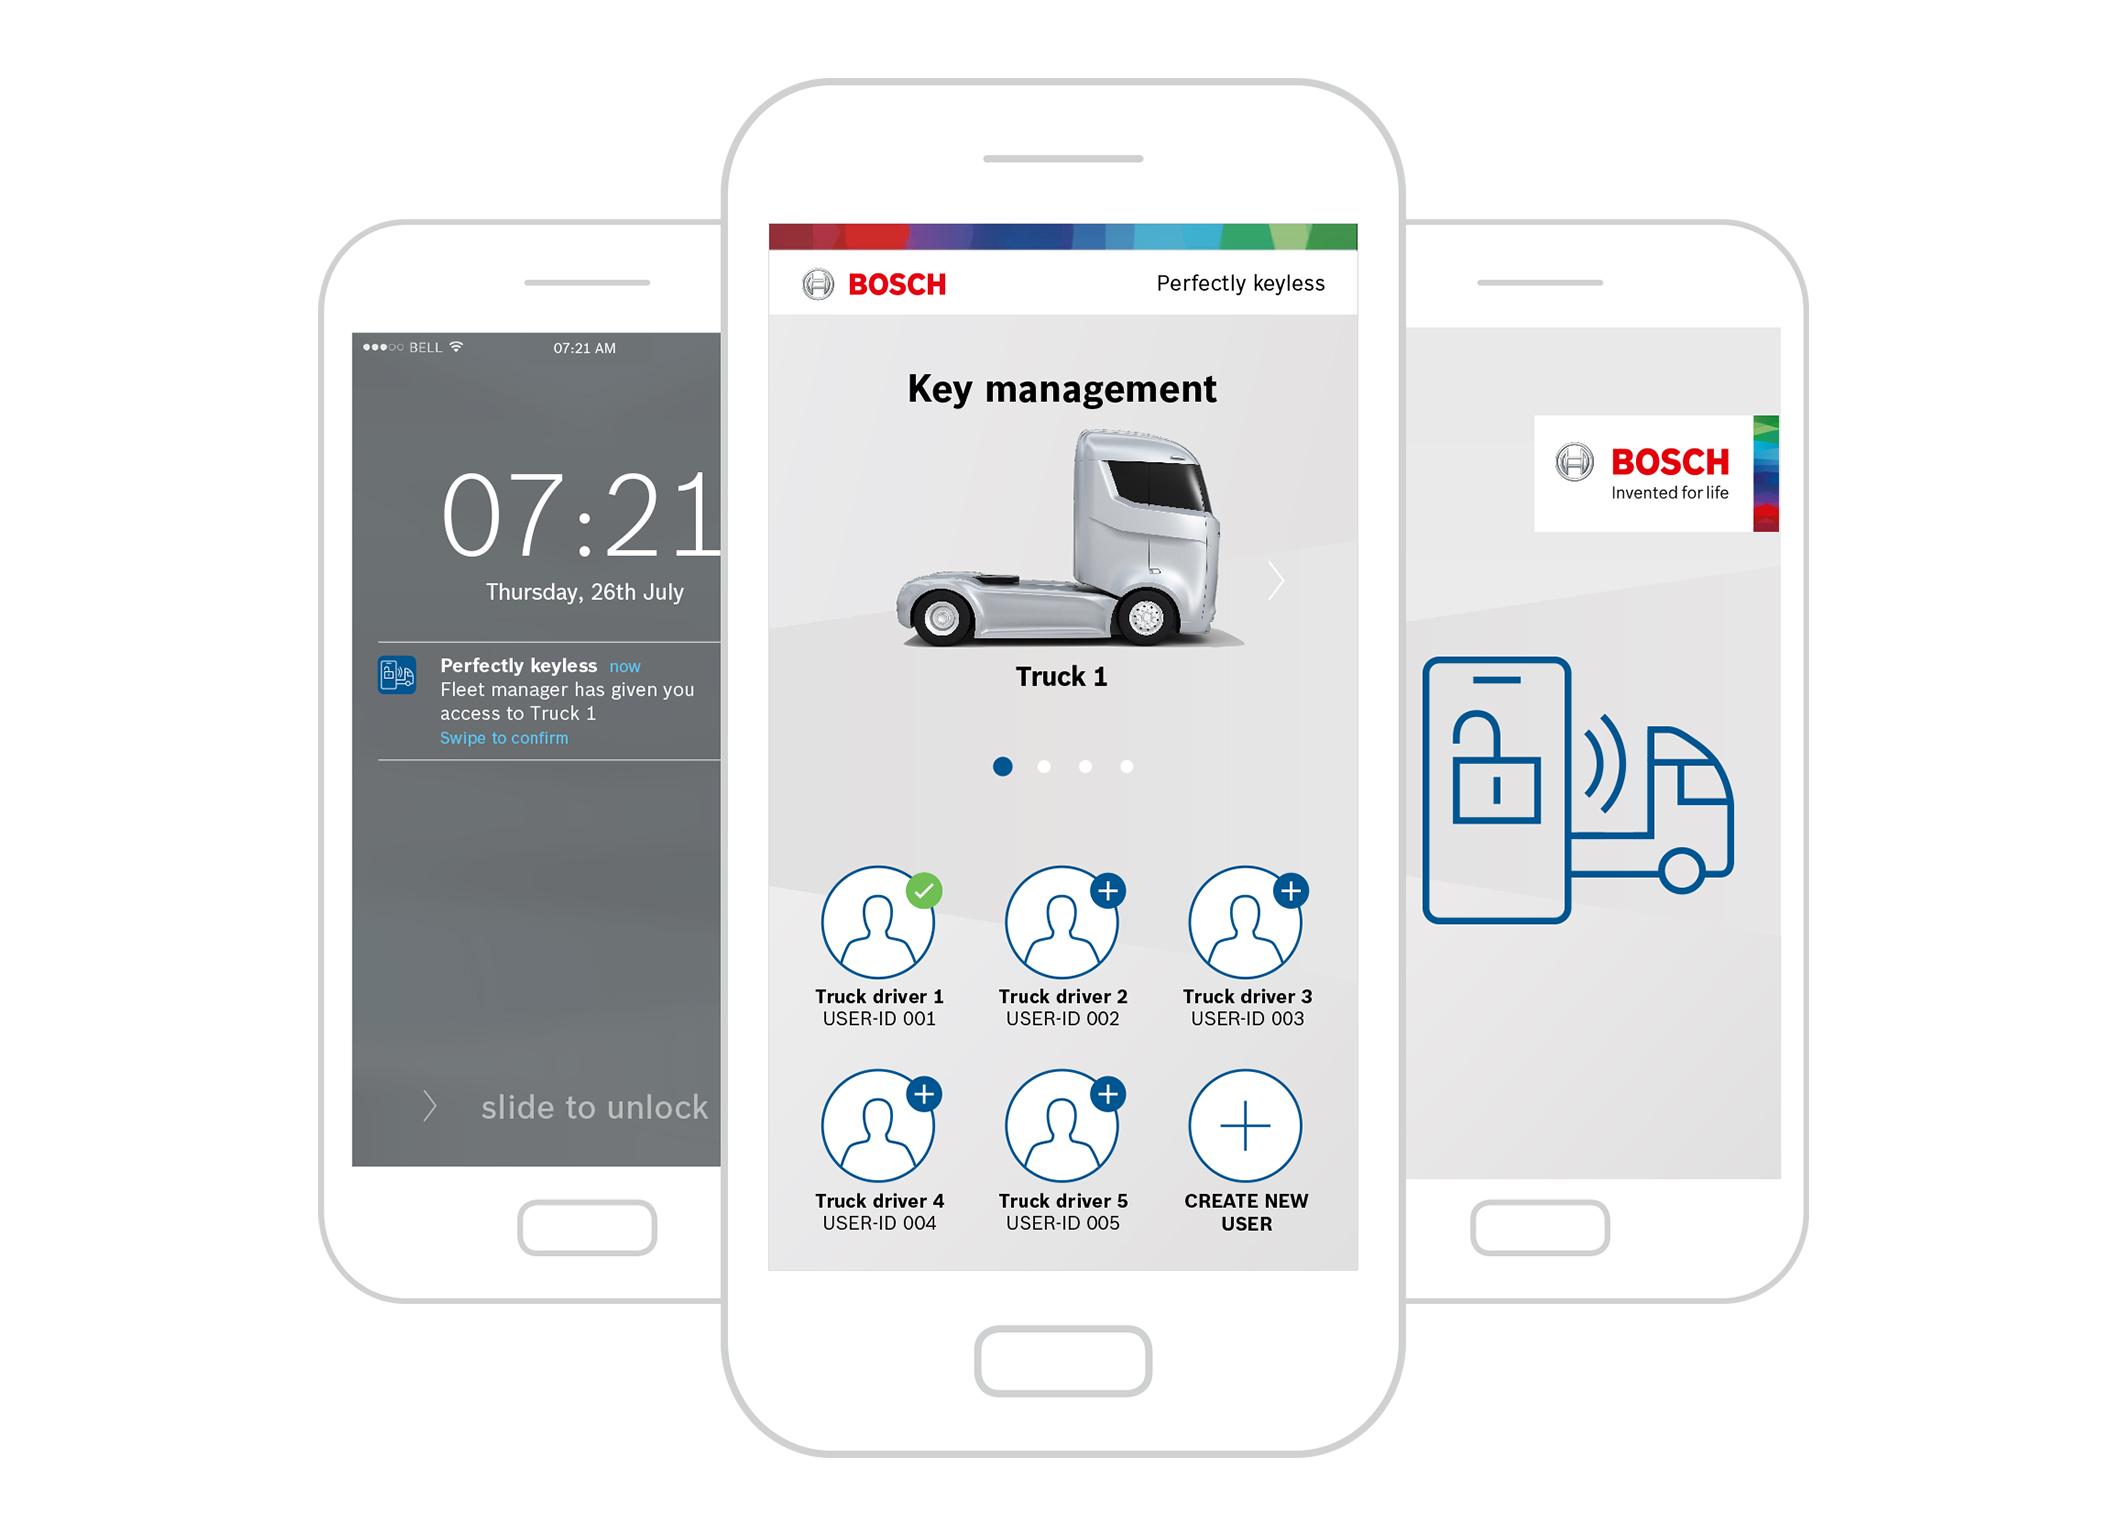 Le chiavi di un veicolo appartengono al passato: ora c'è l'app Bosch